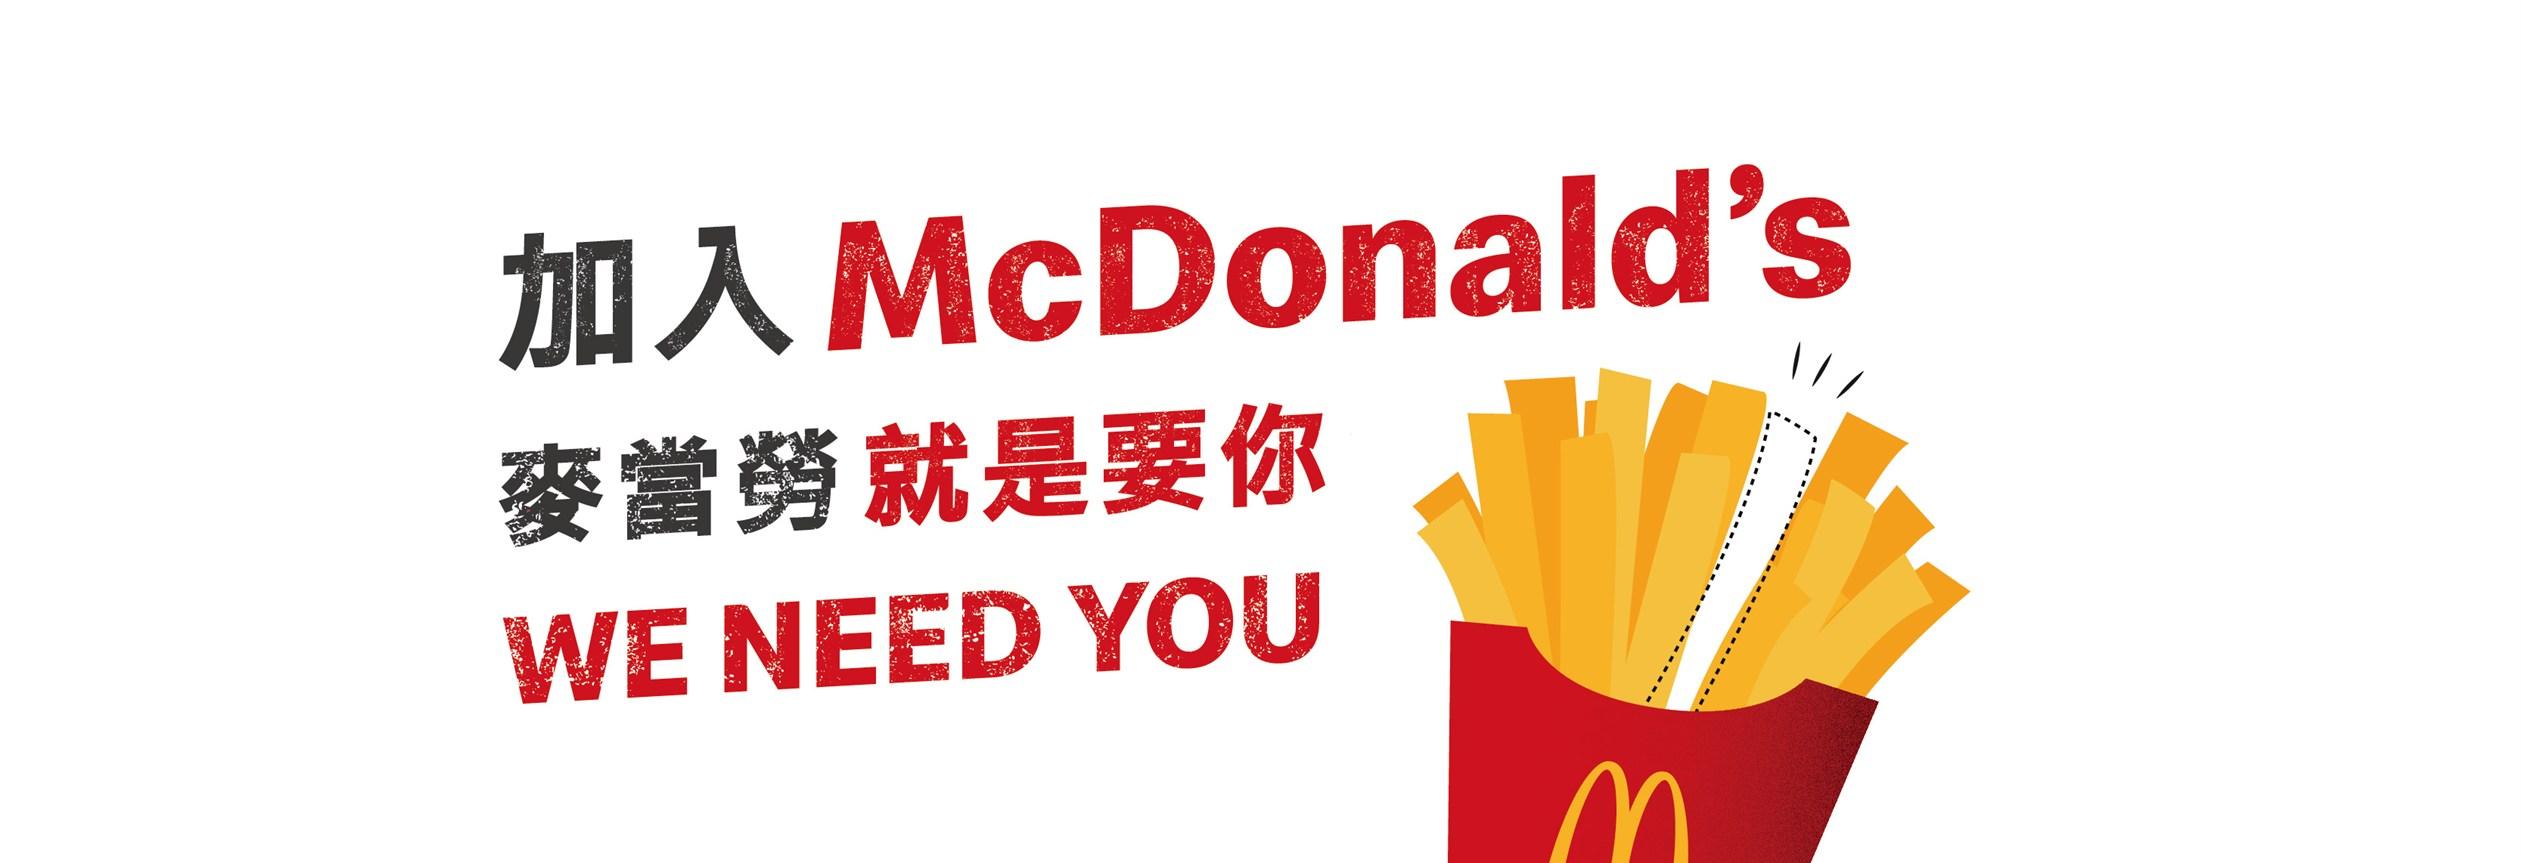 麥當勞授權發展商_和德昌股份有限公司